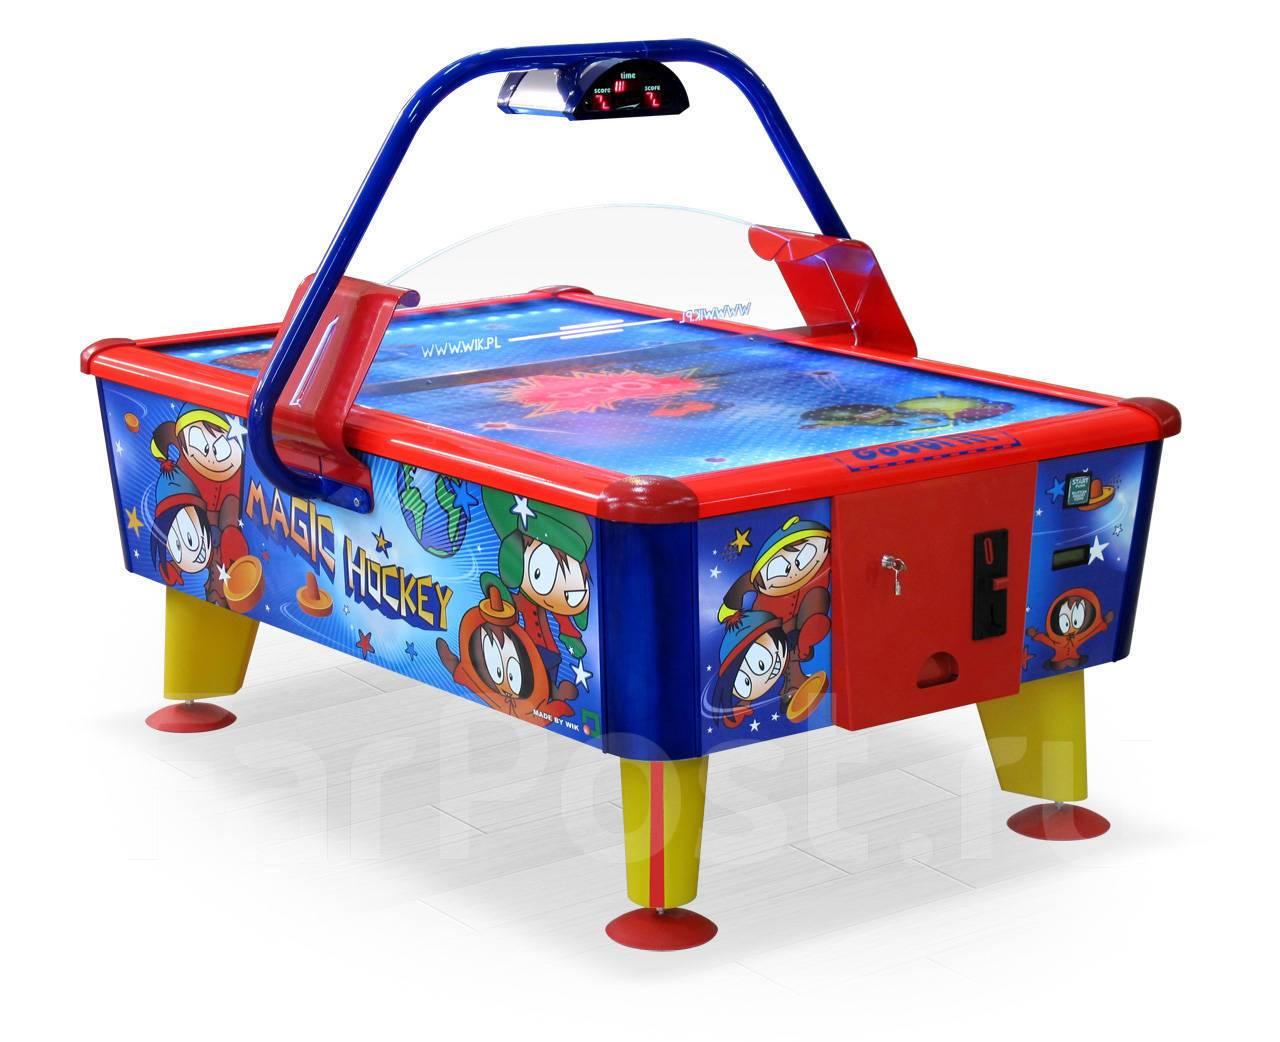 Описание детские игровые автоматы cyclone поиграть в игры в данный момент в автоматы бесплатно